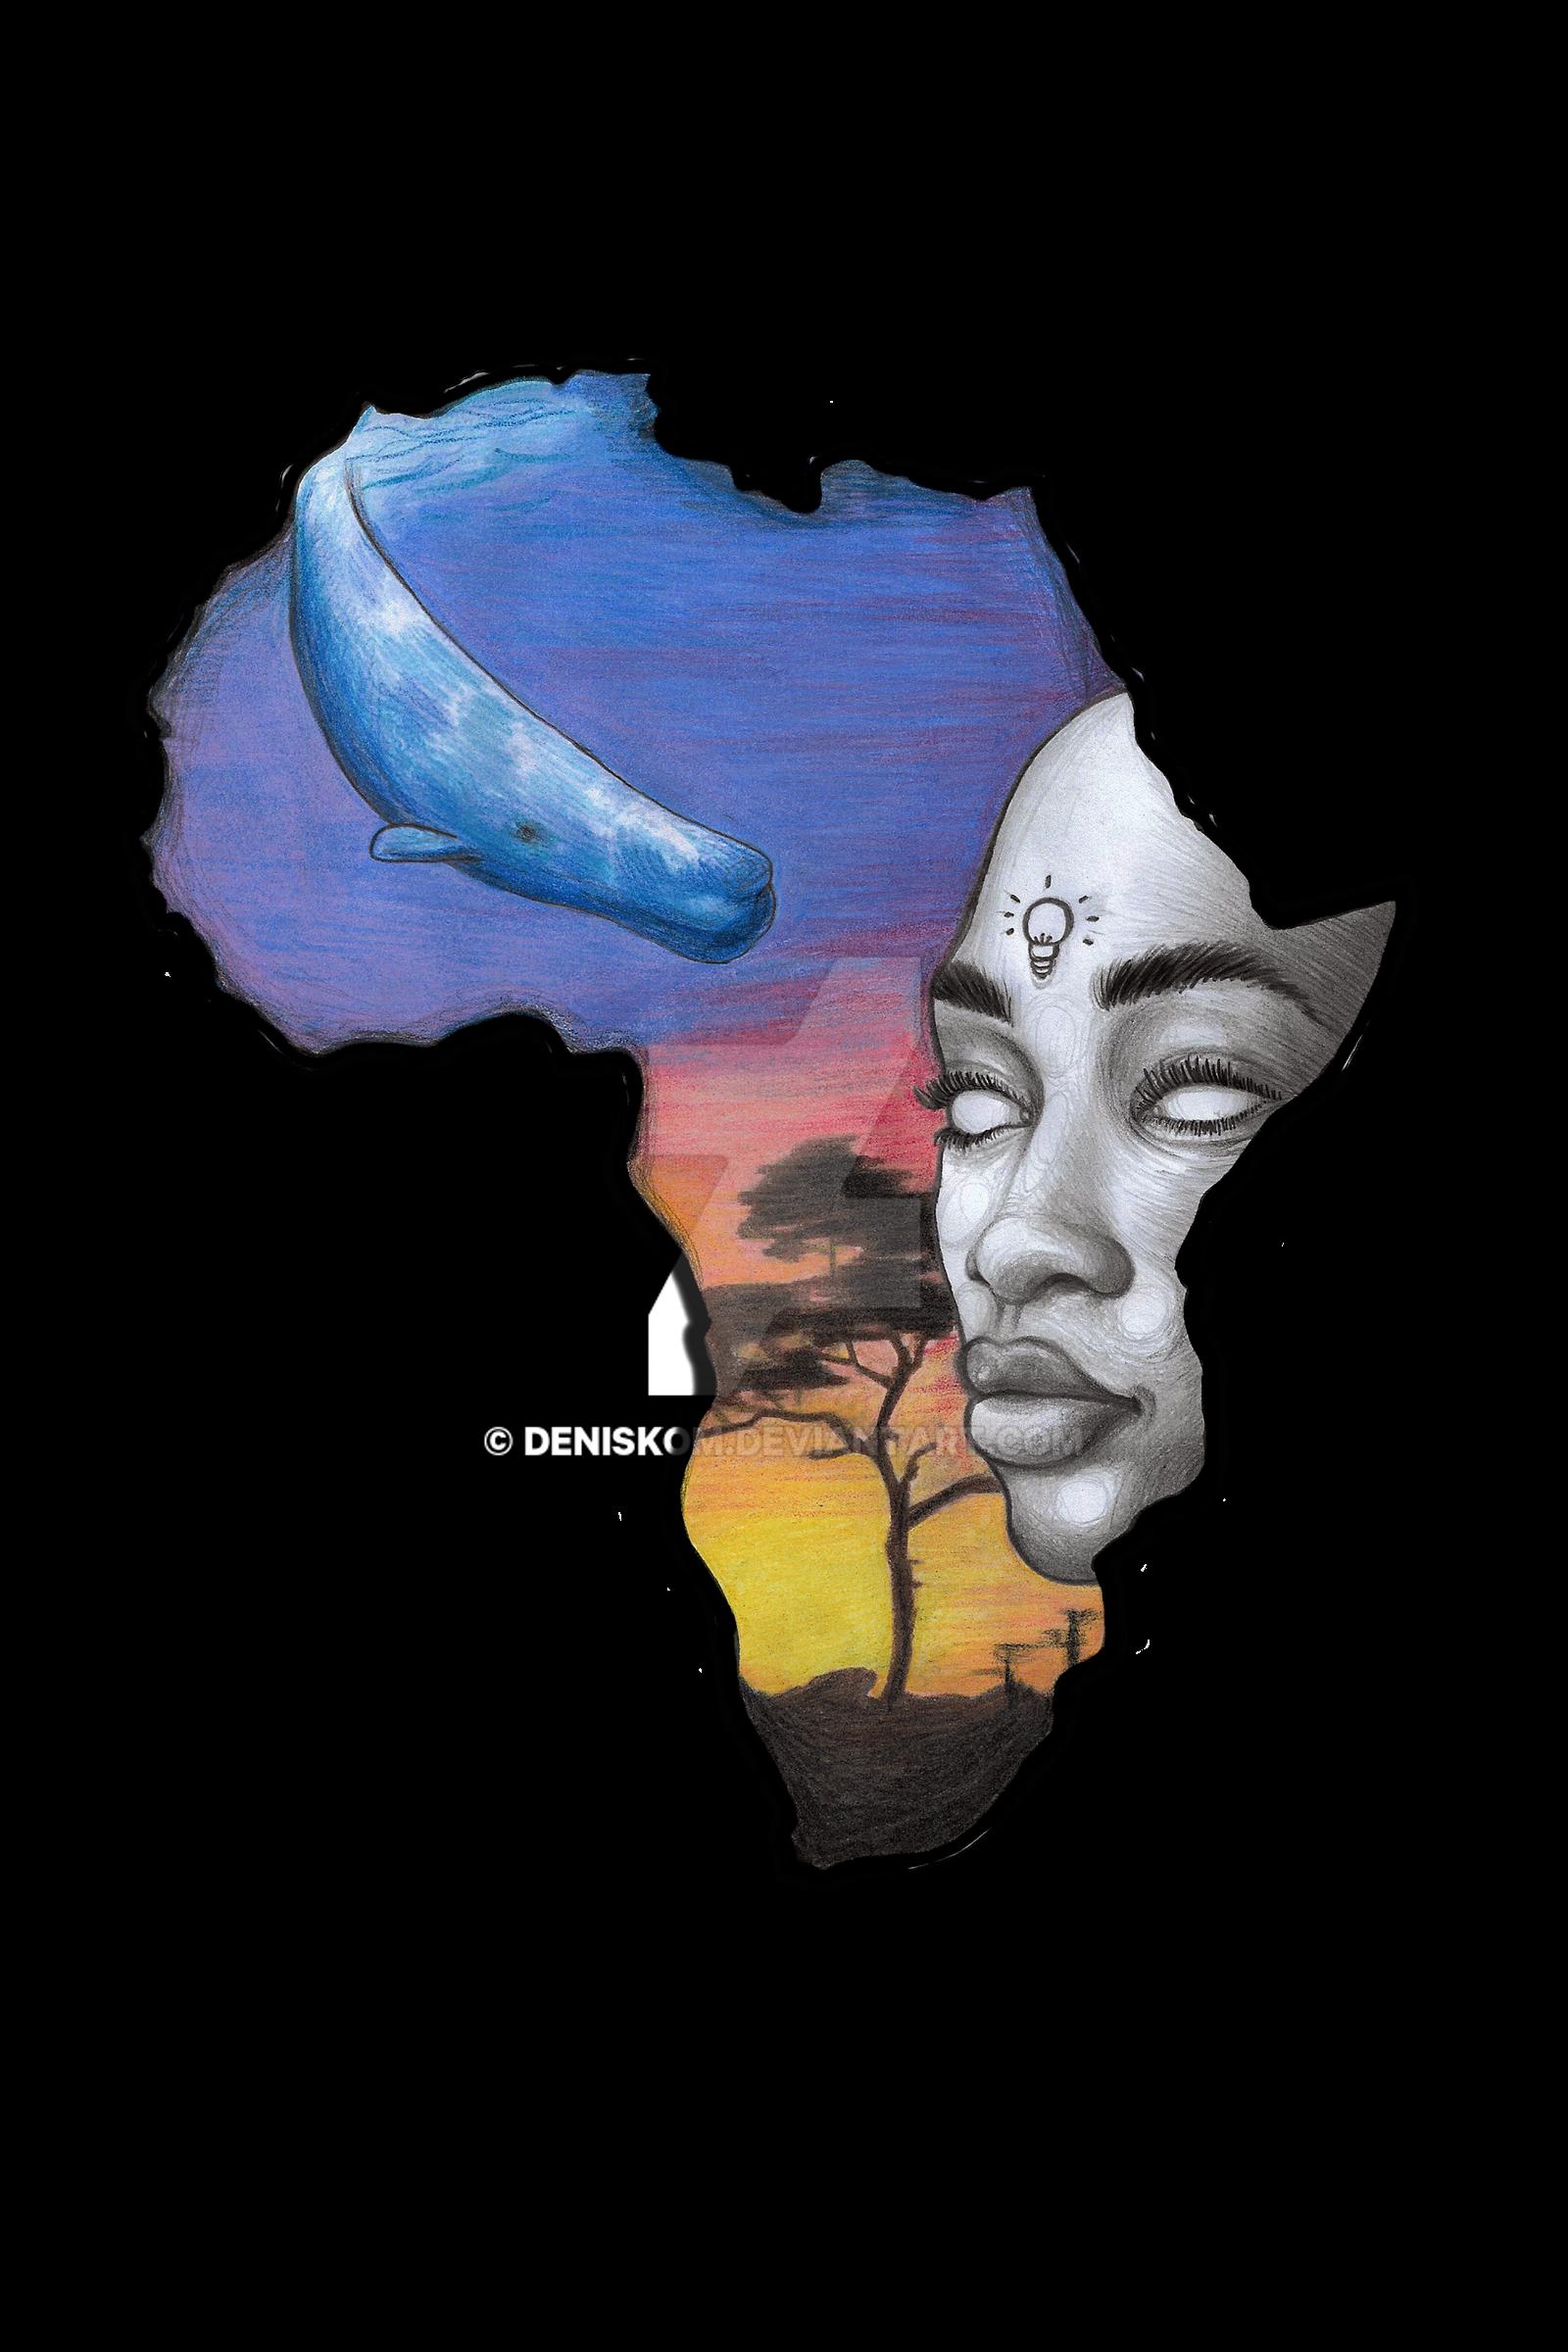 Africa Tattoo Design By Deniskom On Deviantart